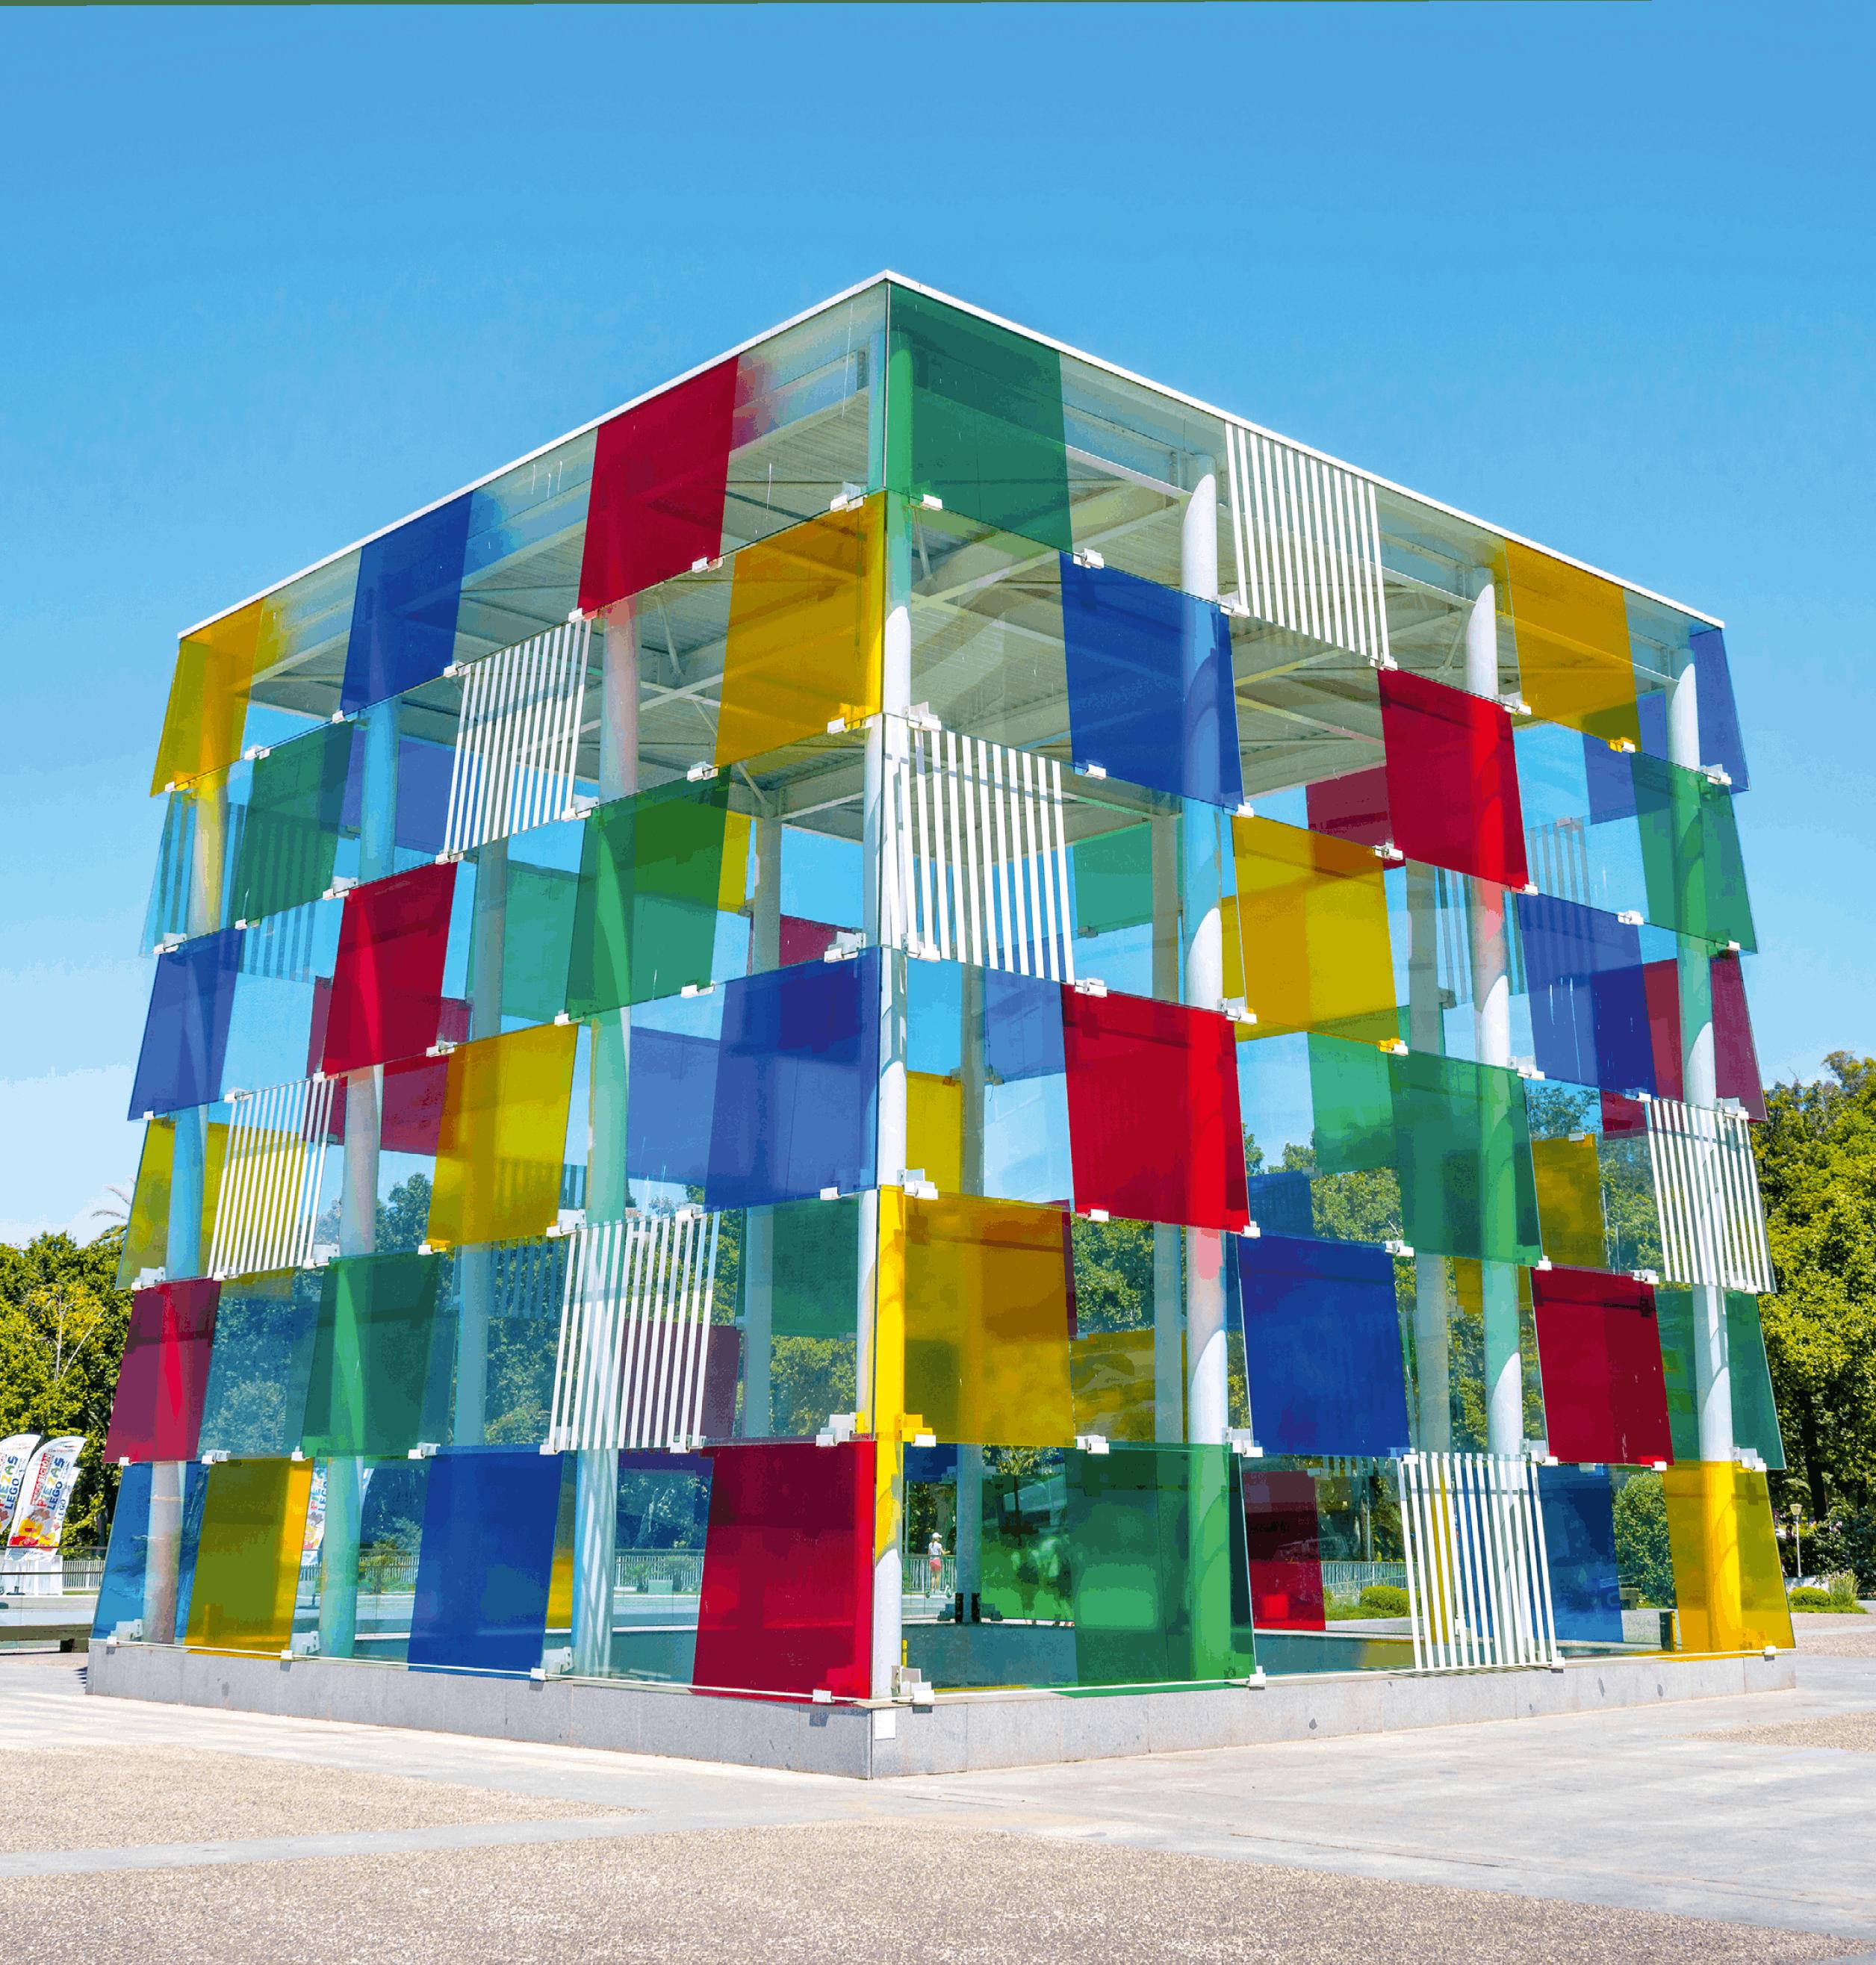 Ce bâtiment multicolore en forme de cube se situe au Centre Pompidou de Málaga en Espagne, un musée d'art moderne et contemporain. On peut retrouver dans un cube de nombreuses situations d'orthogonalité entre des plans et des droites.